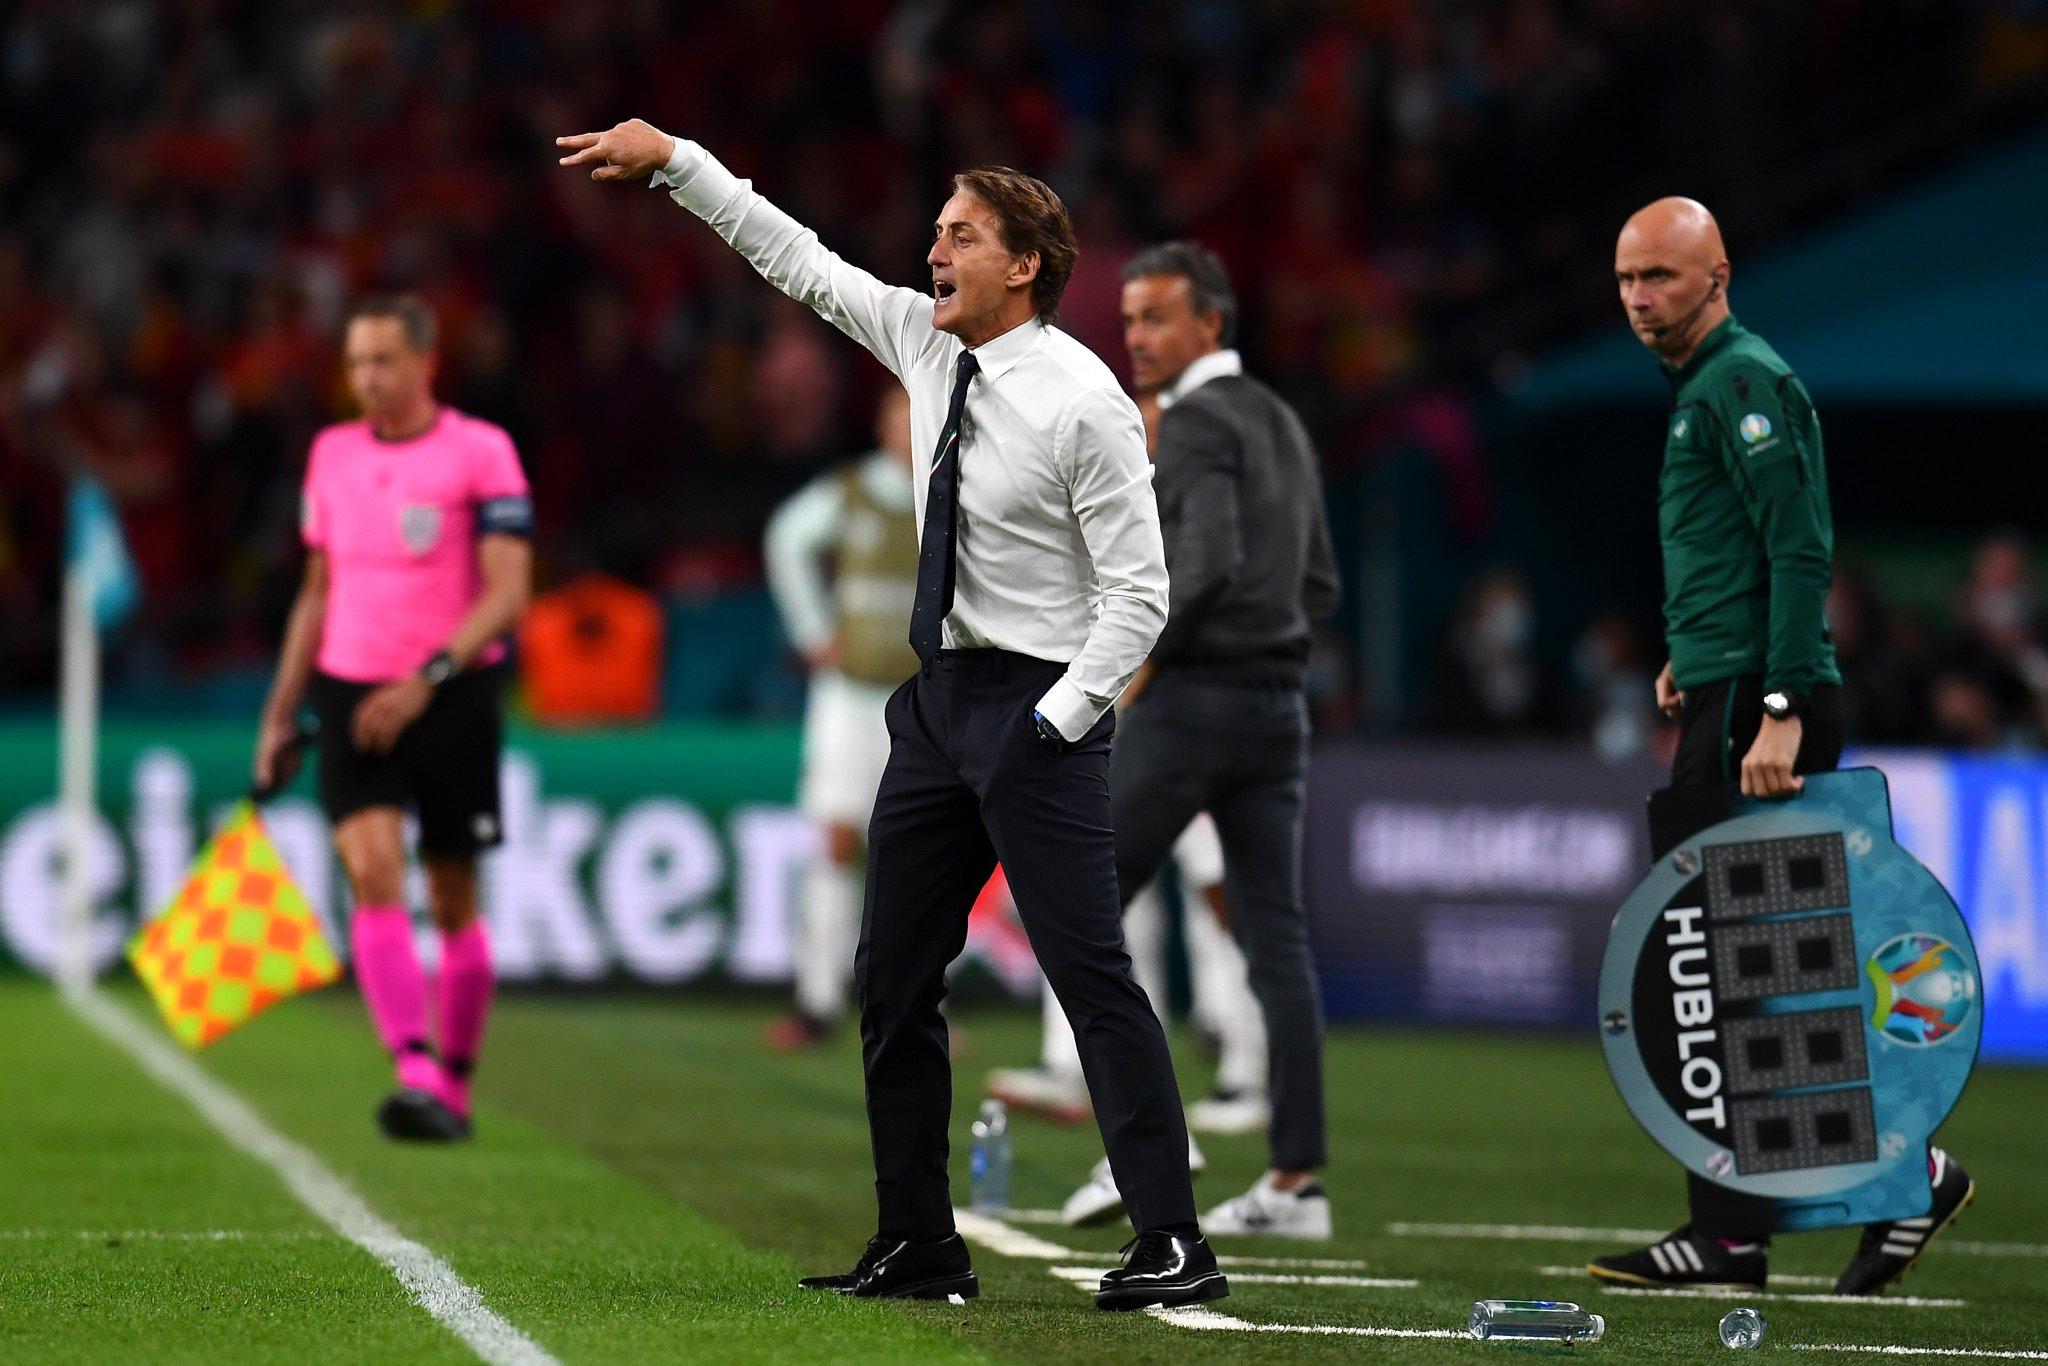 Mancini hò hét nhắc nhở các học trò tập trung trong hiệp phụ thứ nhất. Ảnh: FIGC